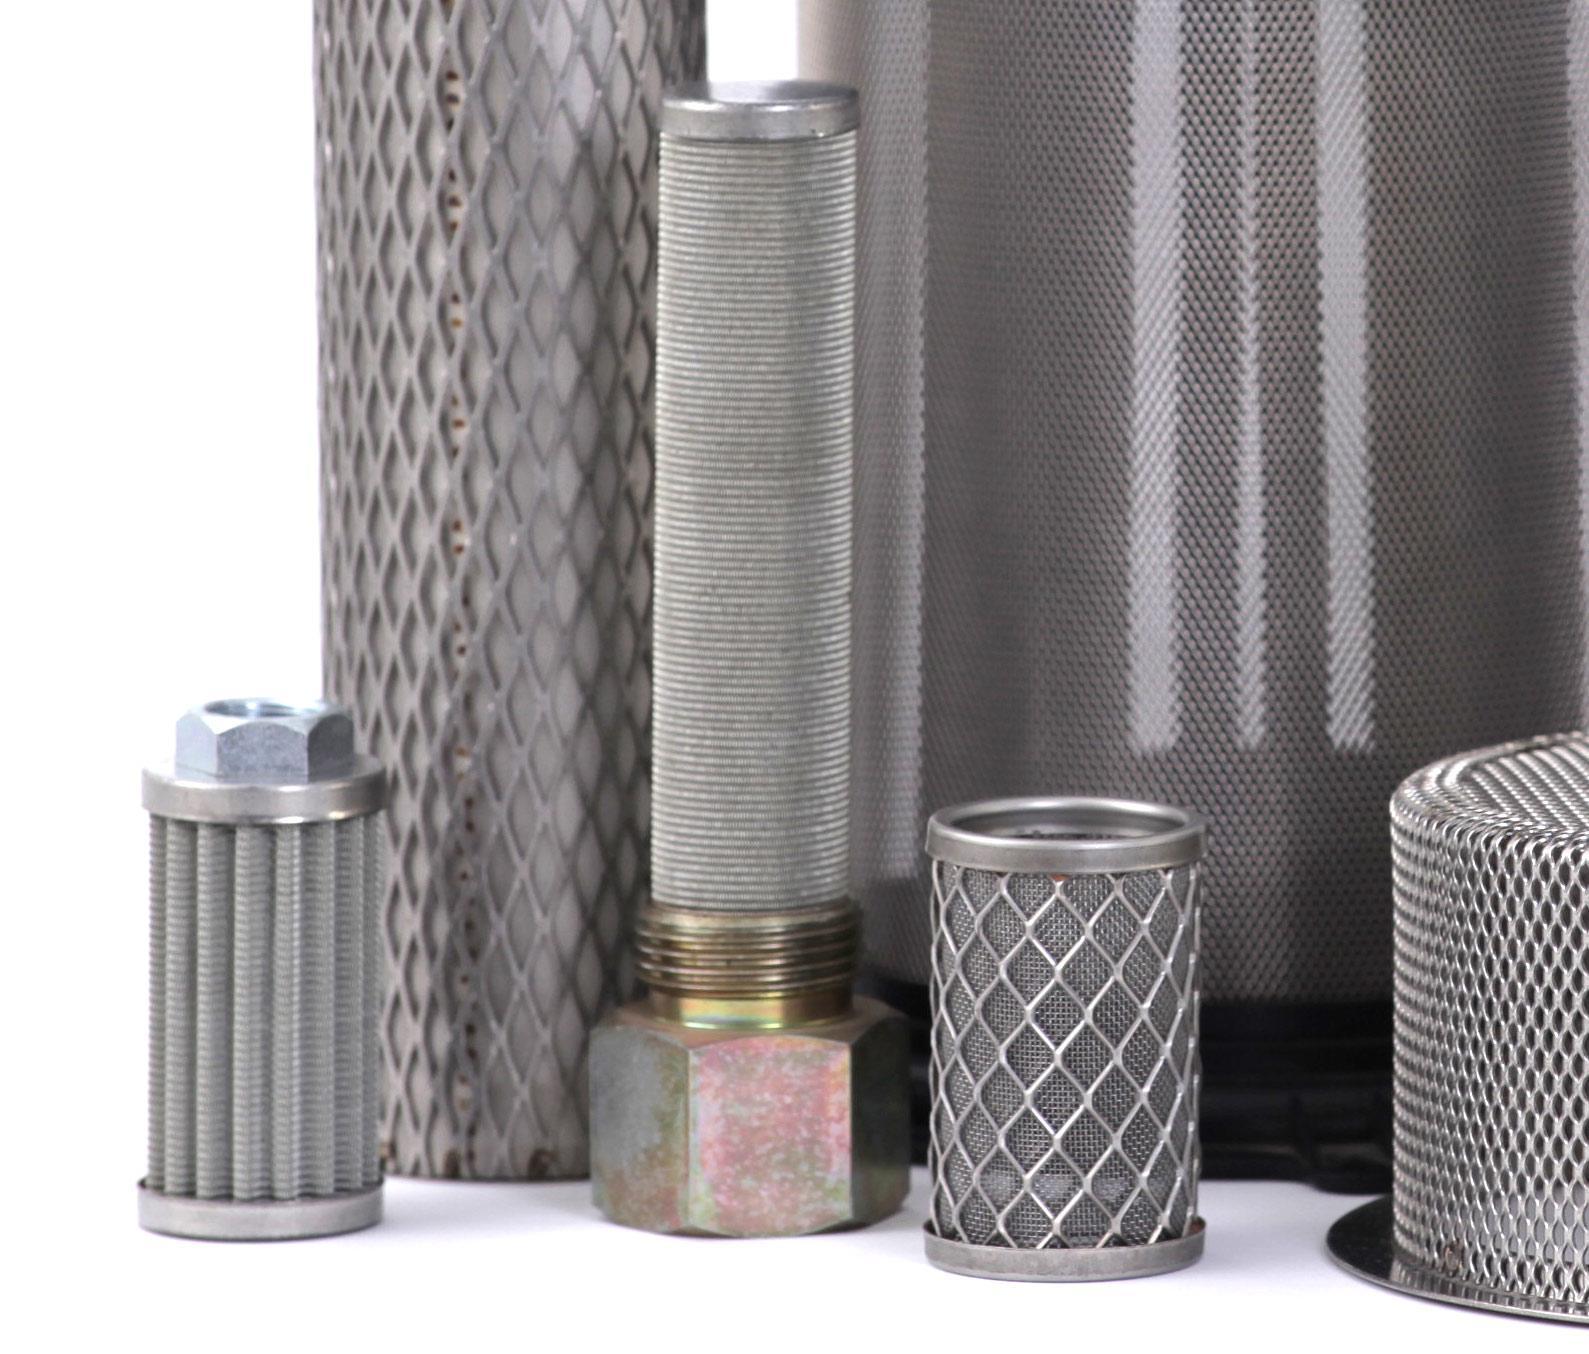 Prodotti filtri con componenti meccanici l p s for Lps lamiere